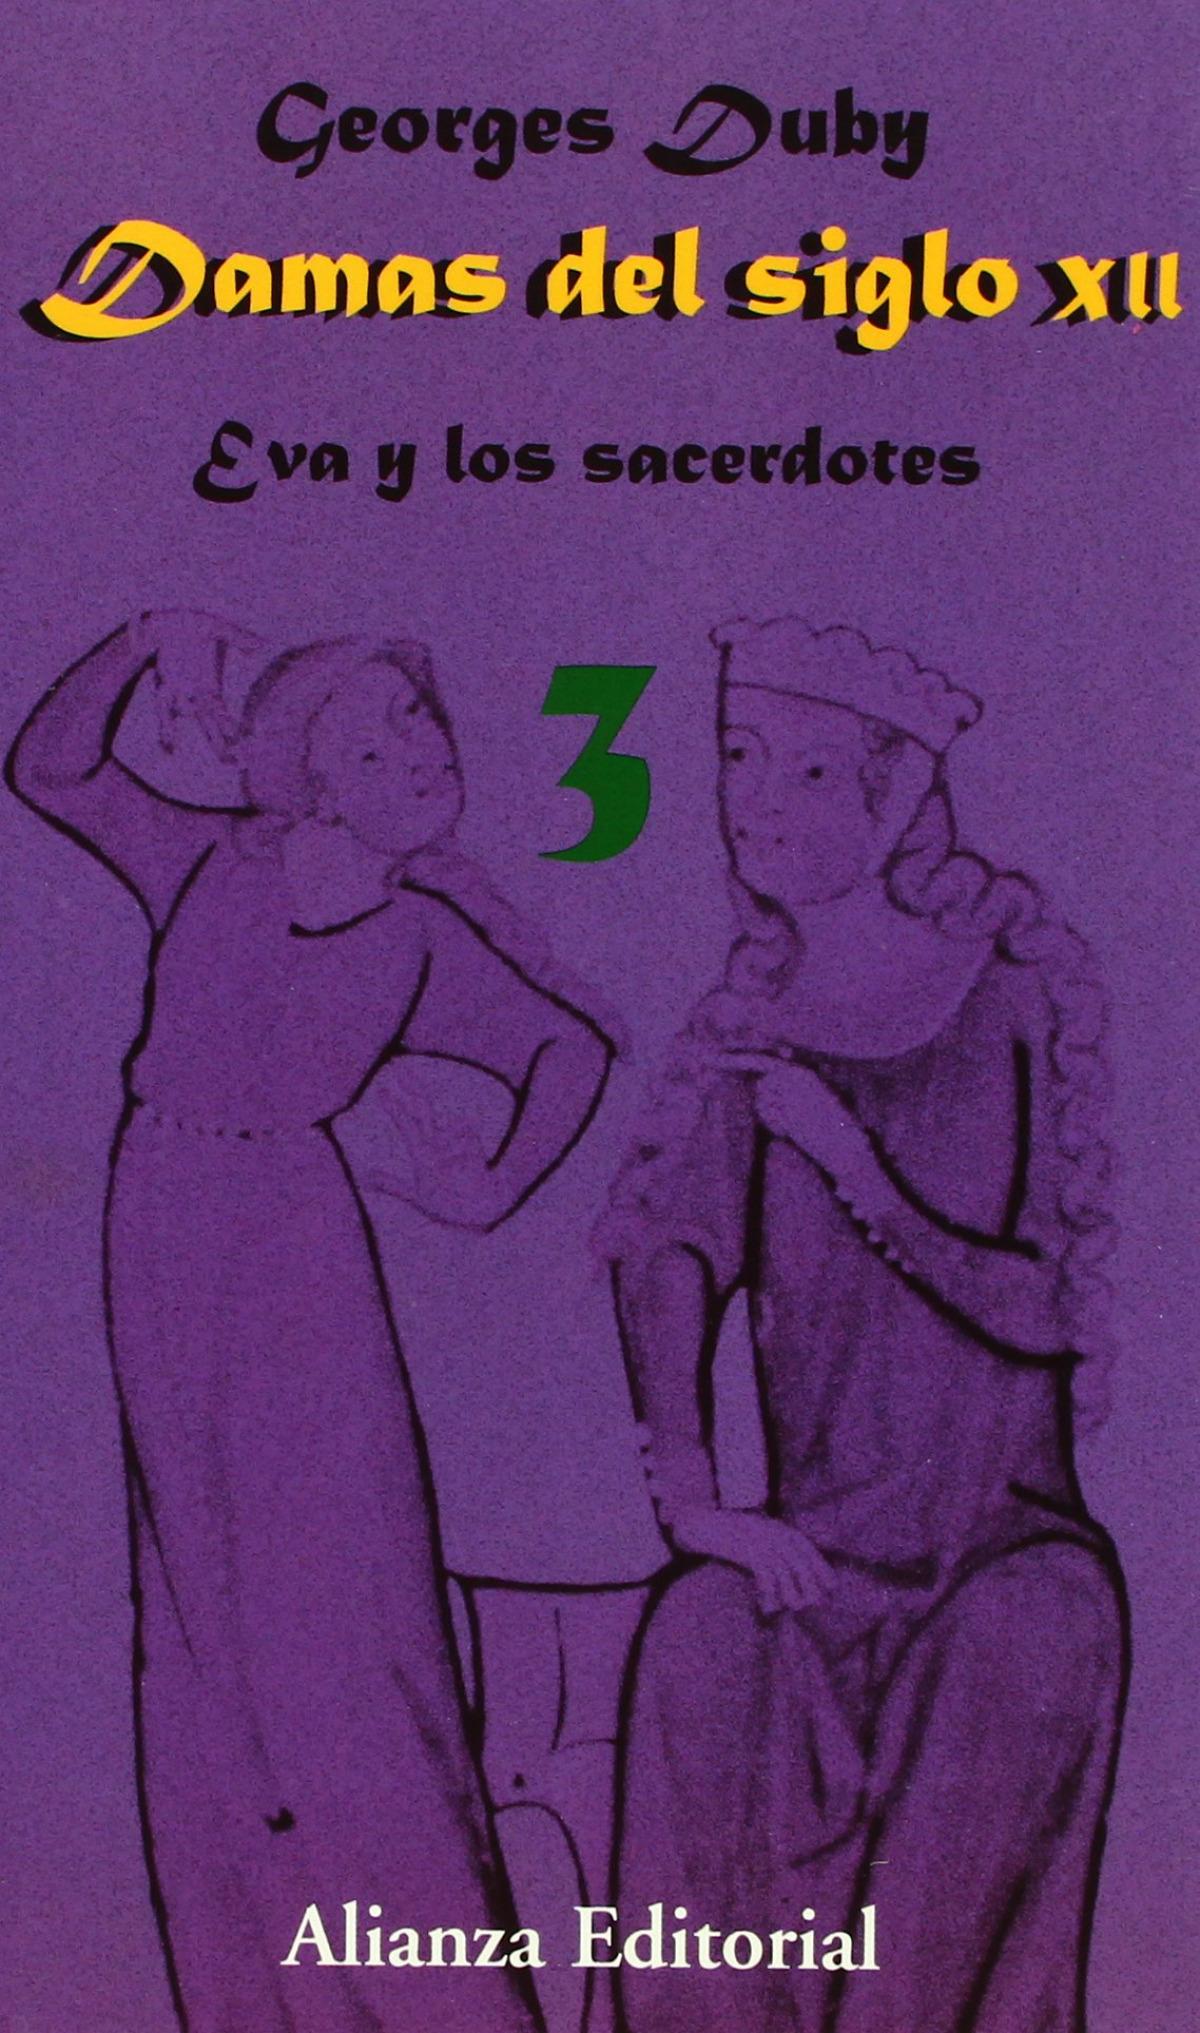 Damas del siglo XII. 3. Eva y los sacerdotes